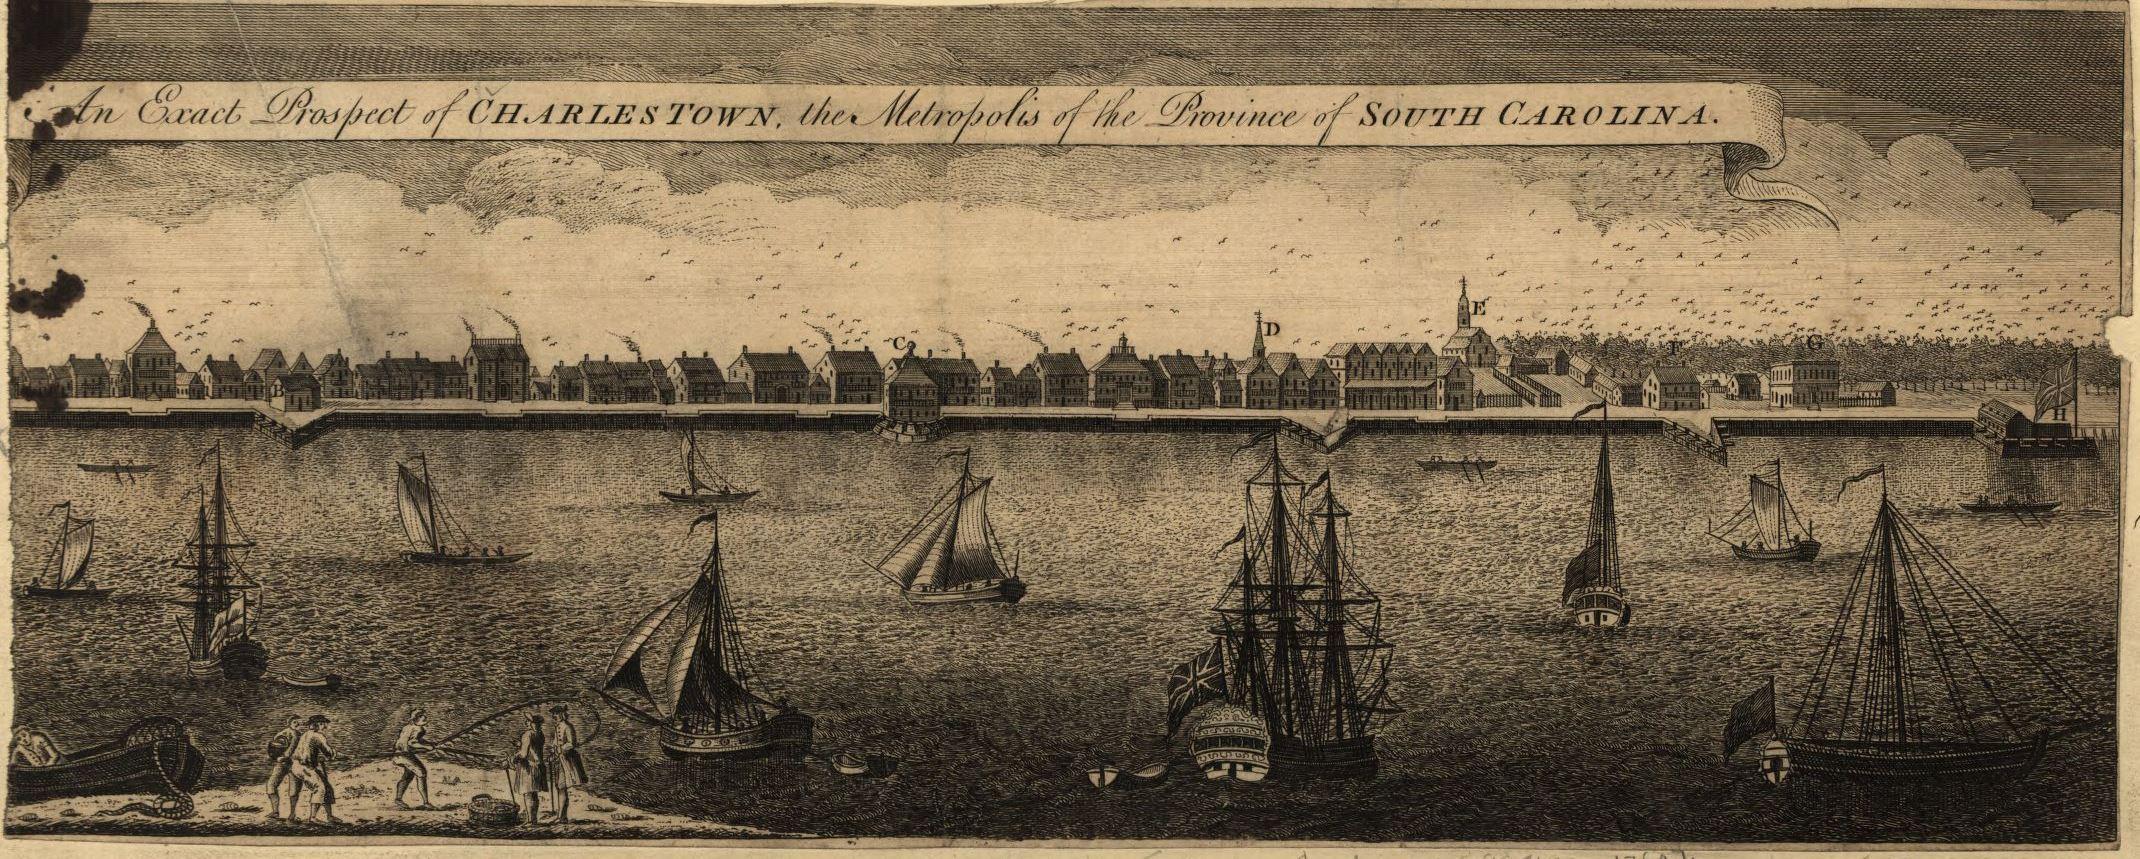 Charles Town_1762-1776.jpg